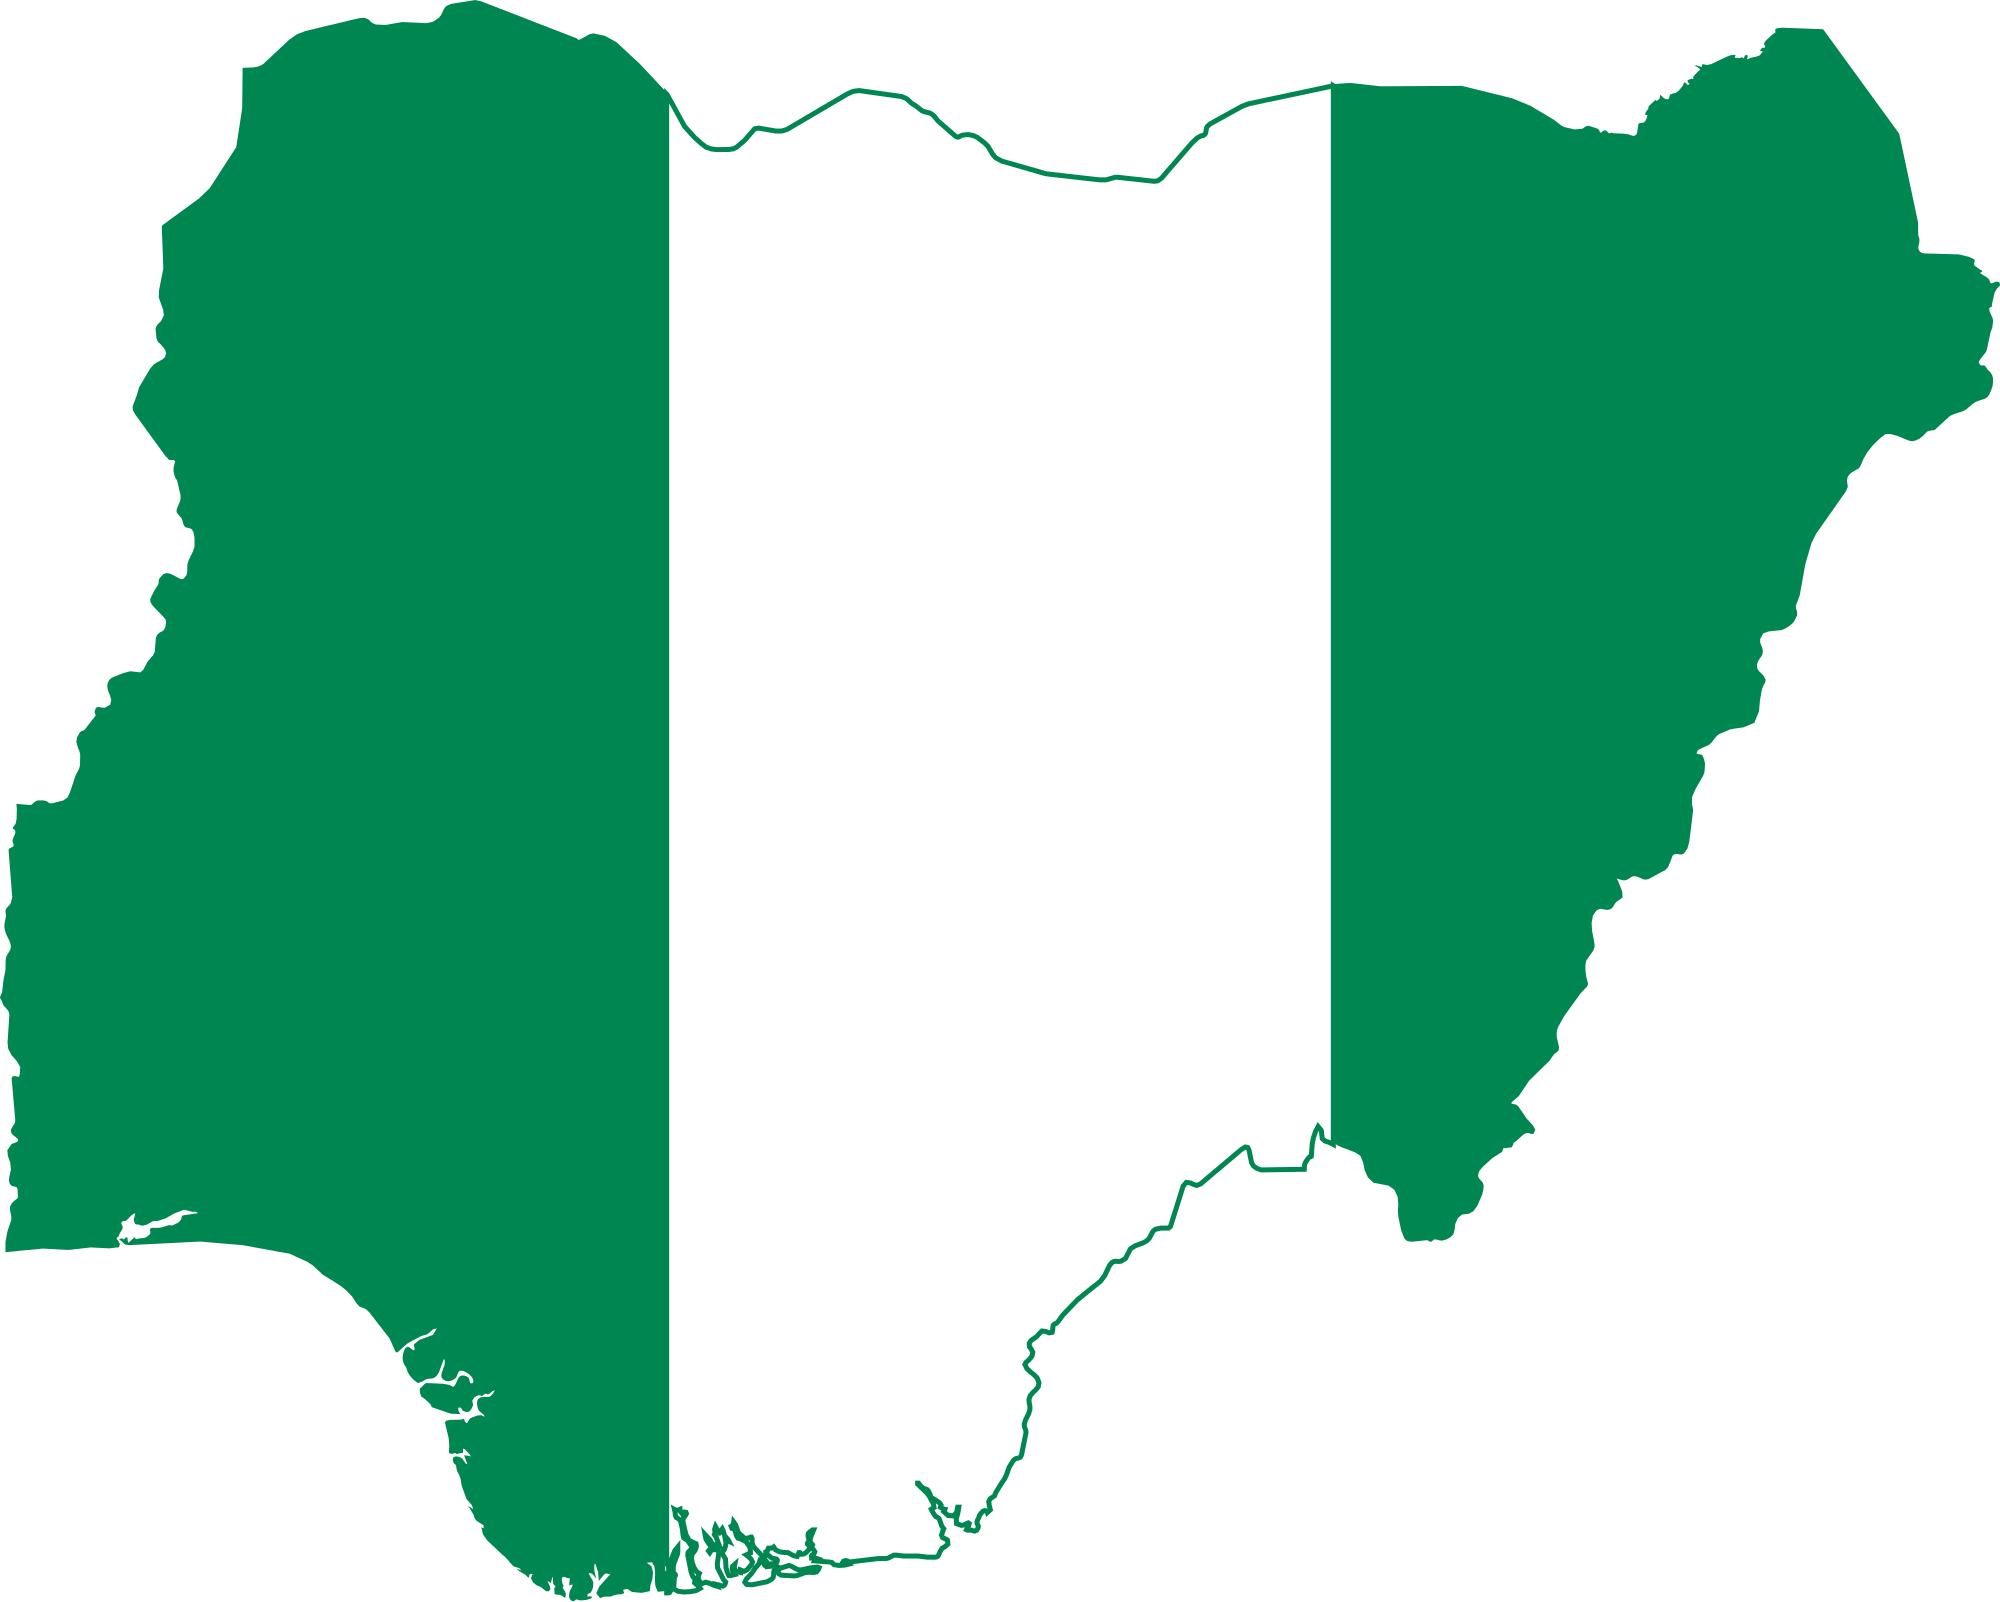 Atak na katolicki kościół w Nigerii.